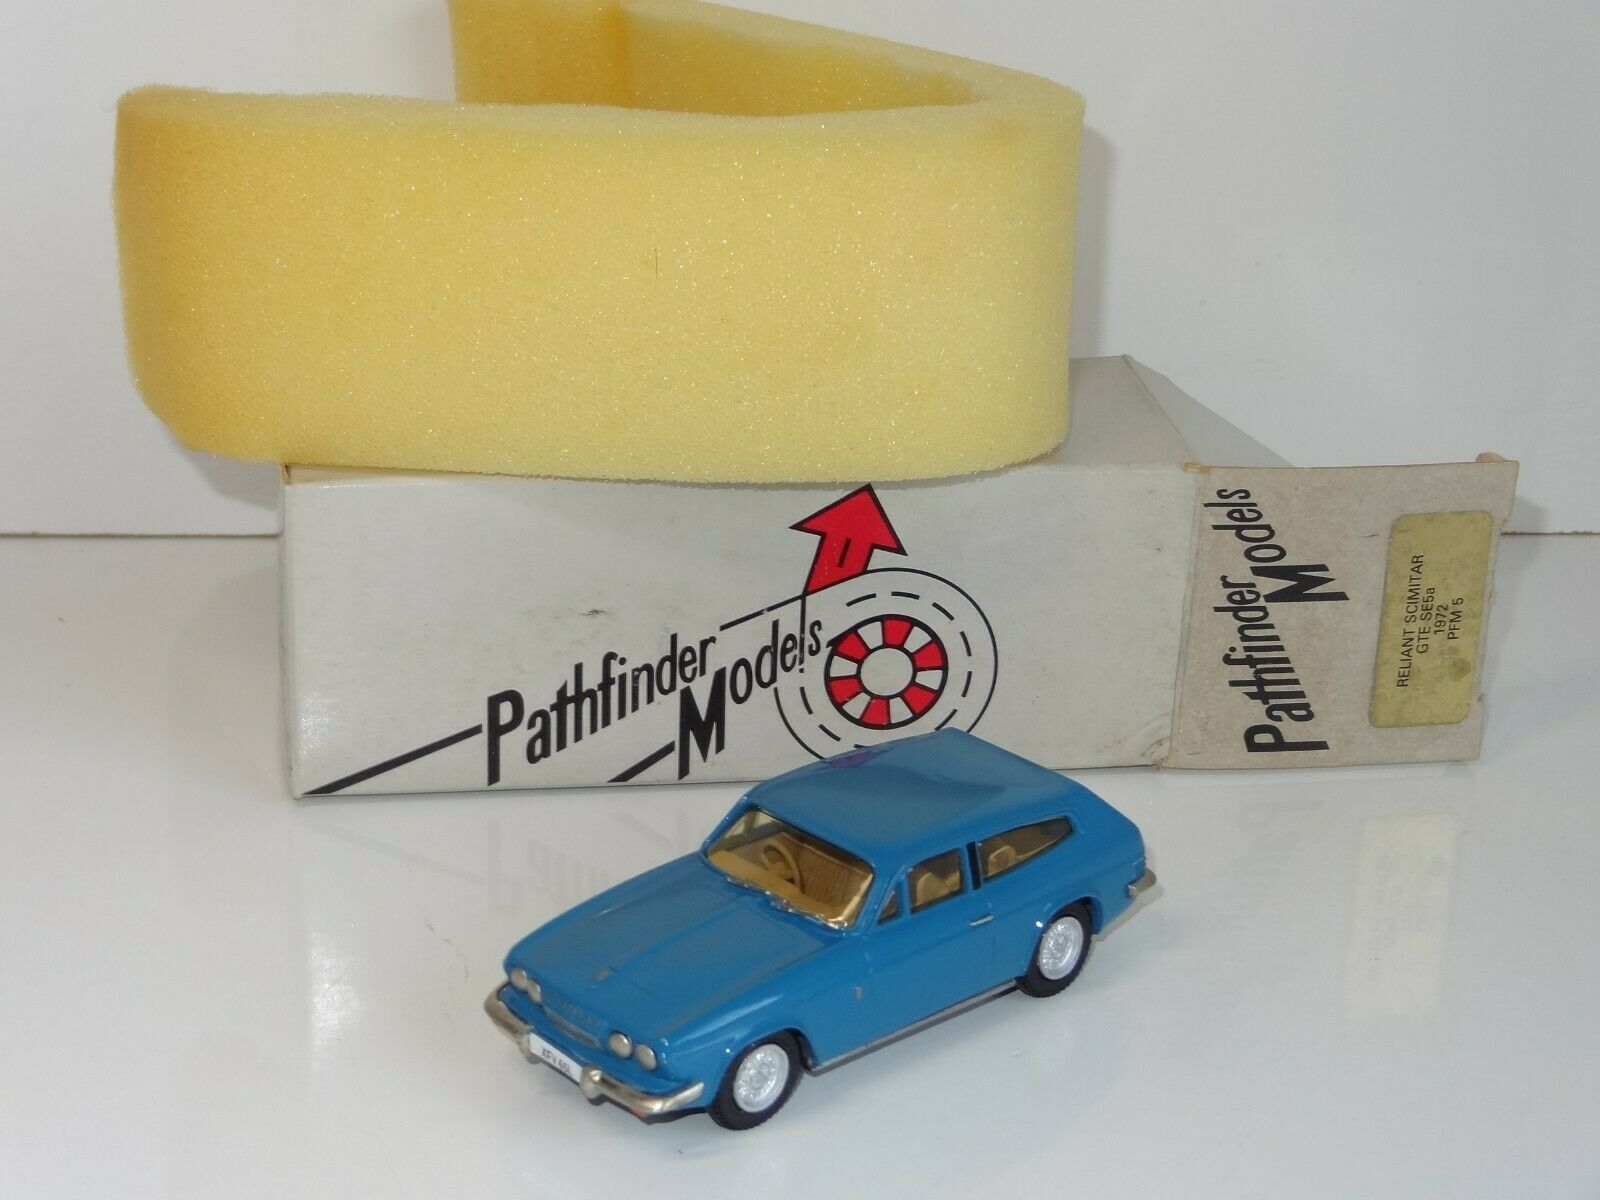 el precio más bajo Pathfinder pfm Reliant Reliant Reliant Scimitar GTE 5 Metal blancoo SE5a 1972 (217)  sorteos de estadio